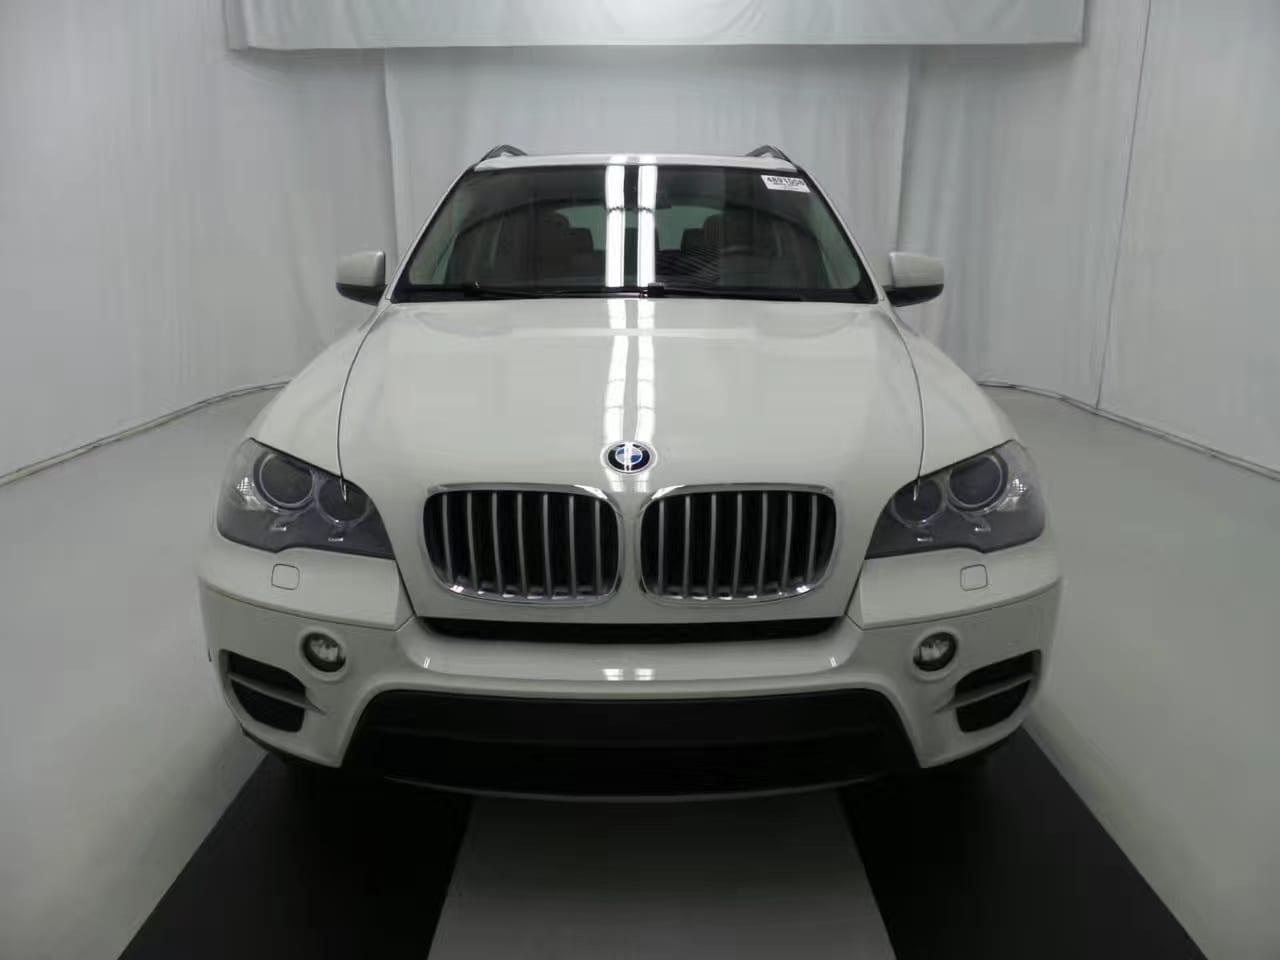 二手车过户费 2013 bmw x5,白外,巧克力内饰,